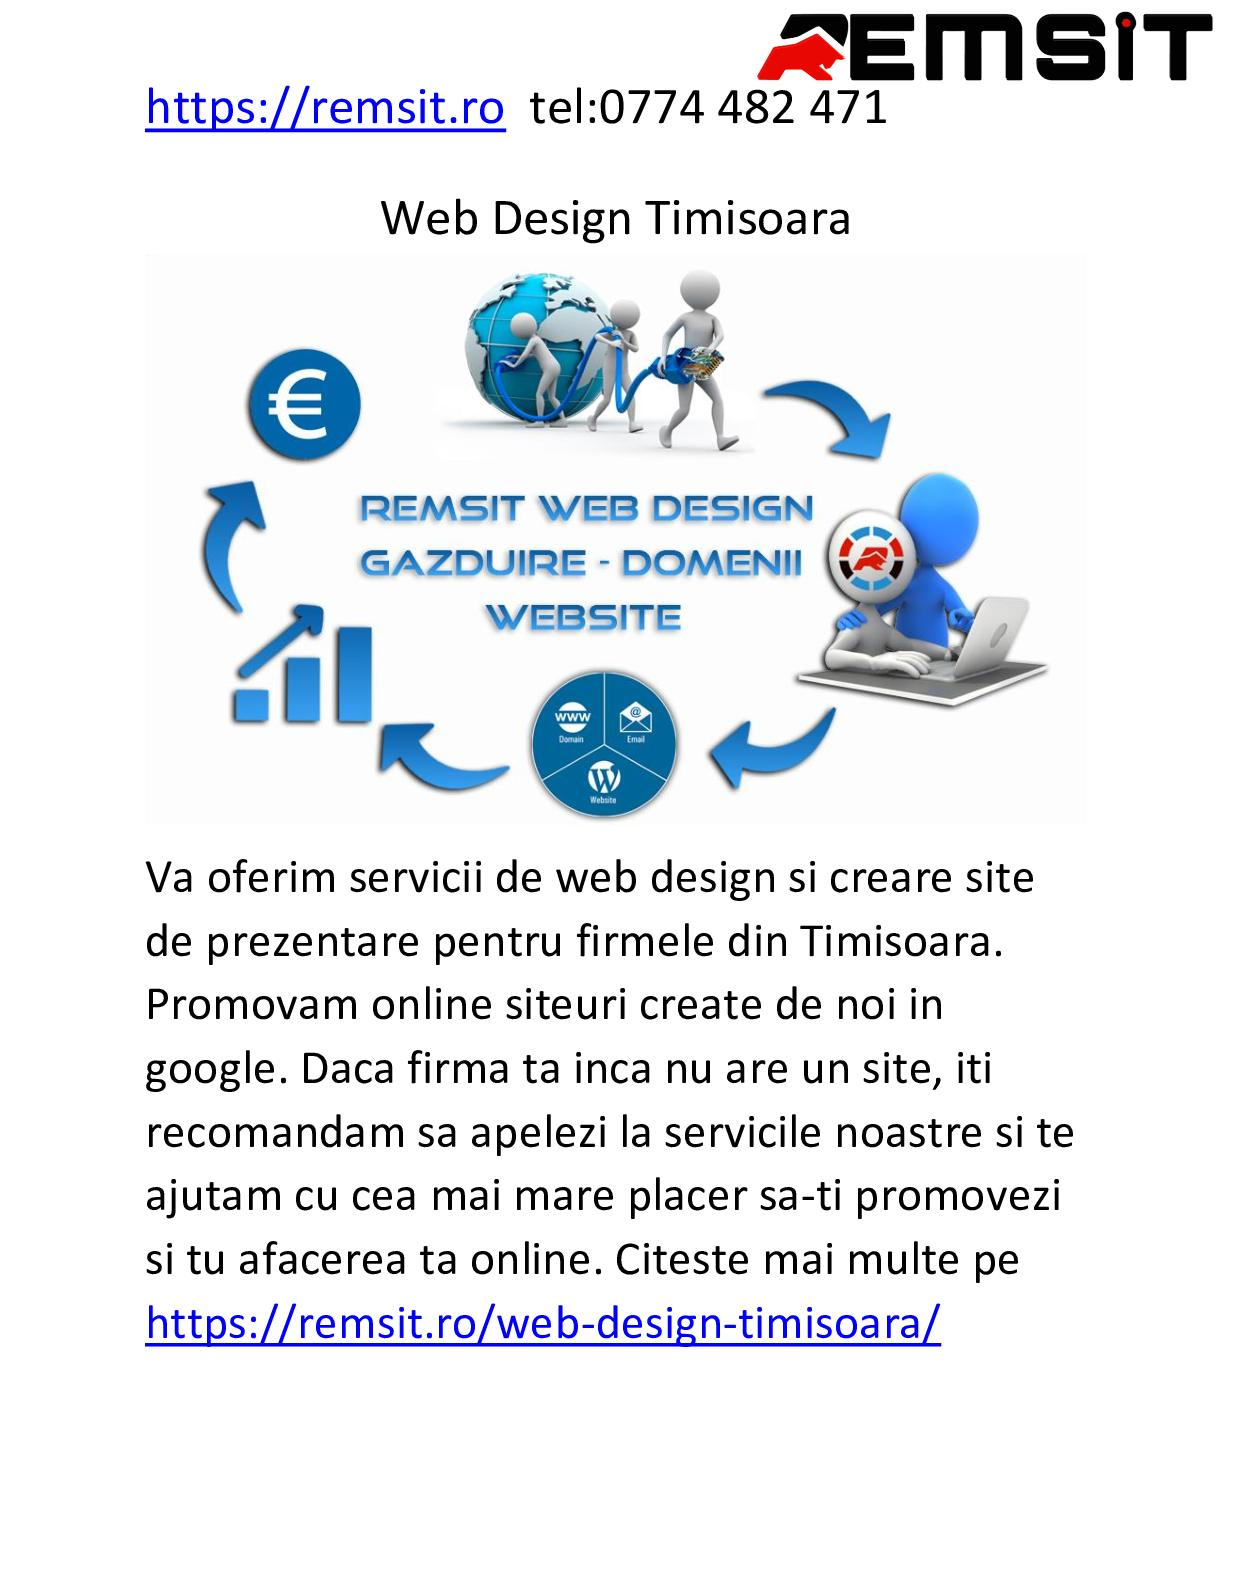 Site ul de prezentare placuta)